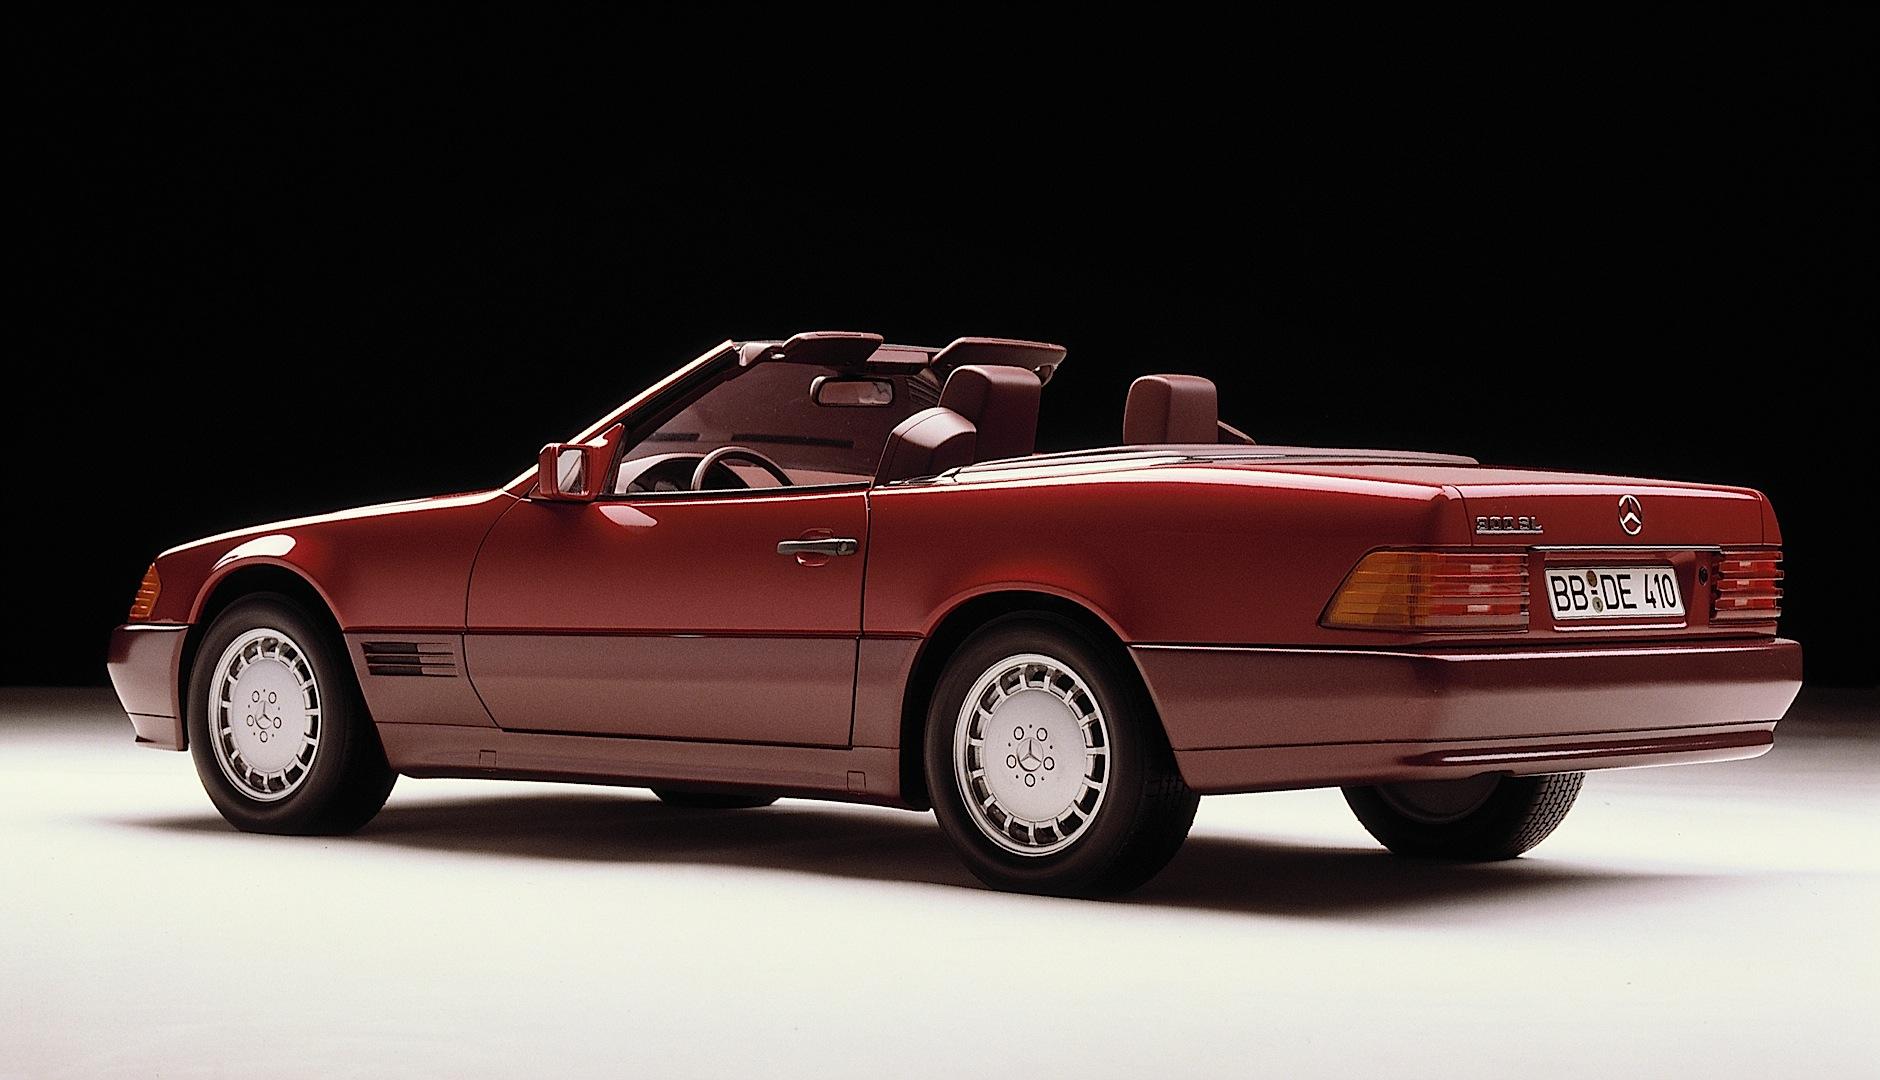 Mercedes-Benz 300 SL (R 129, 1989 bis 2001), erste Generation (1989 bis 1995).